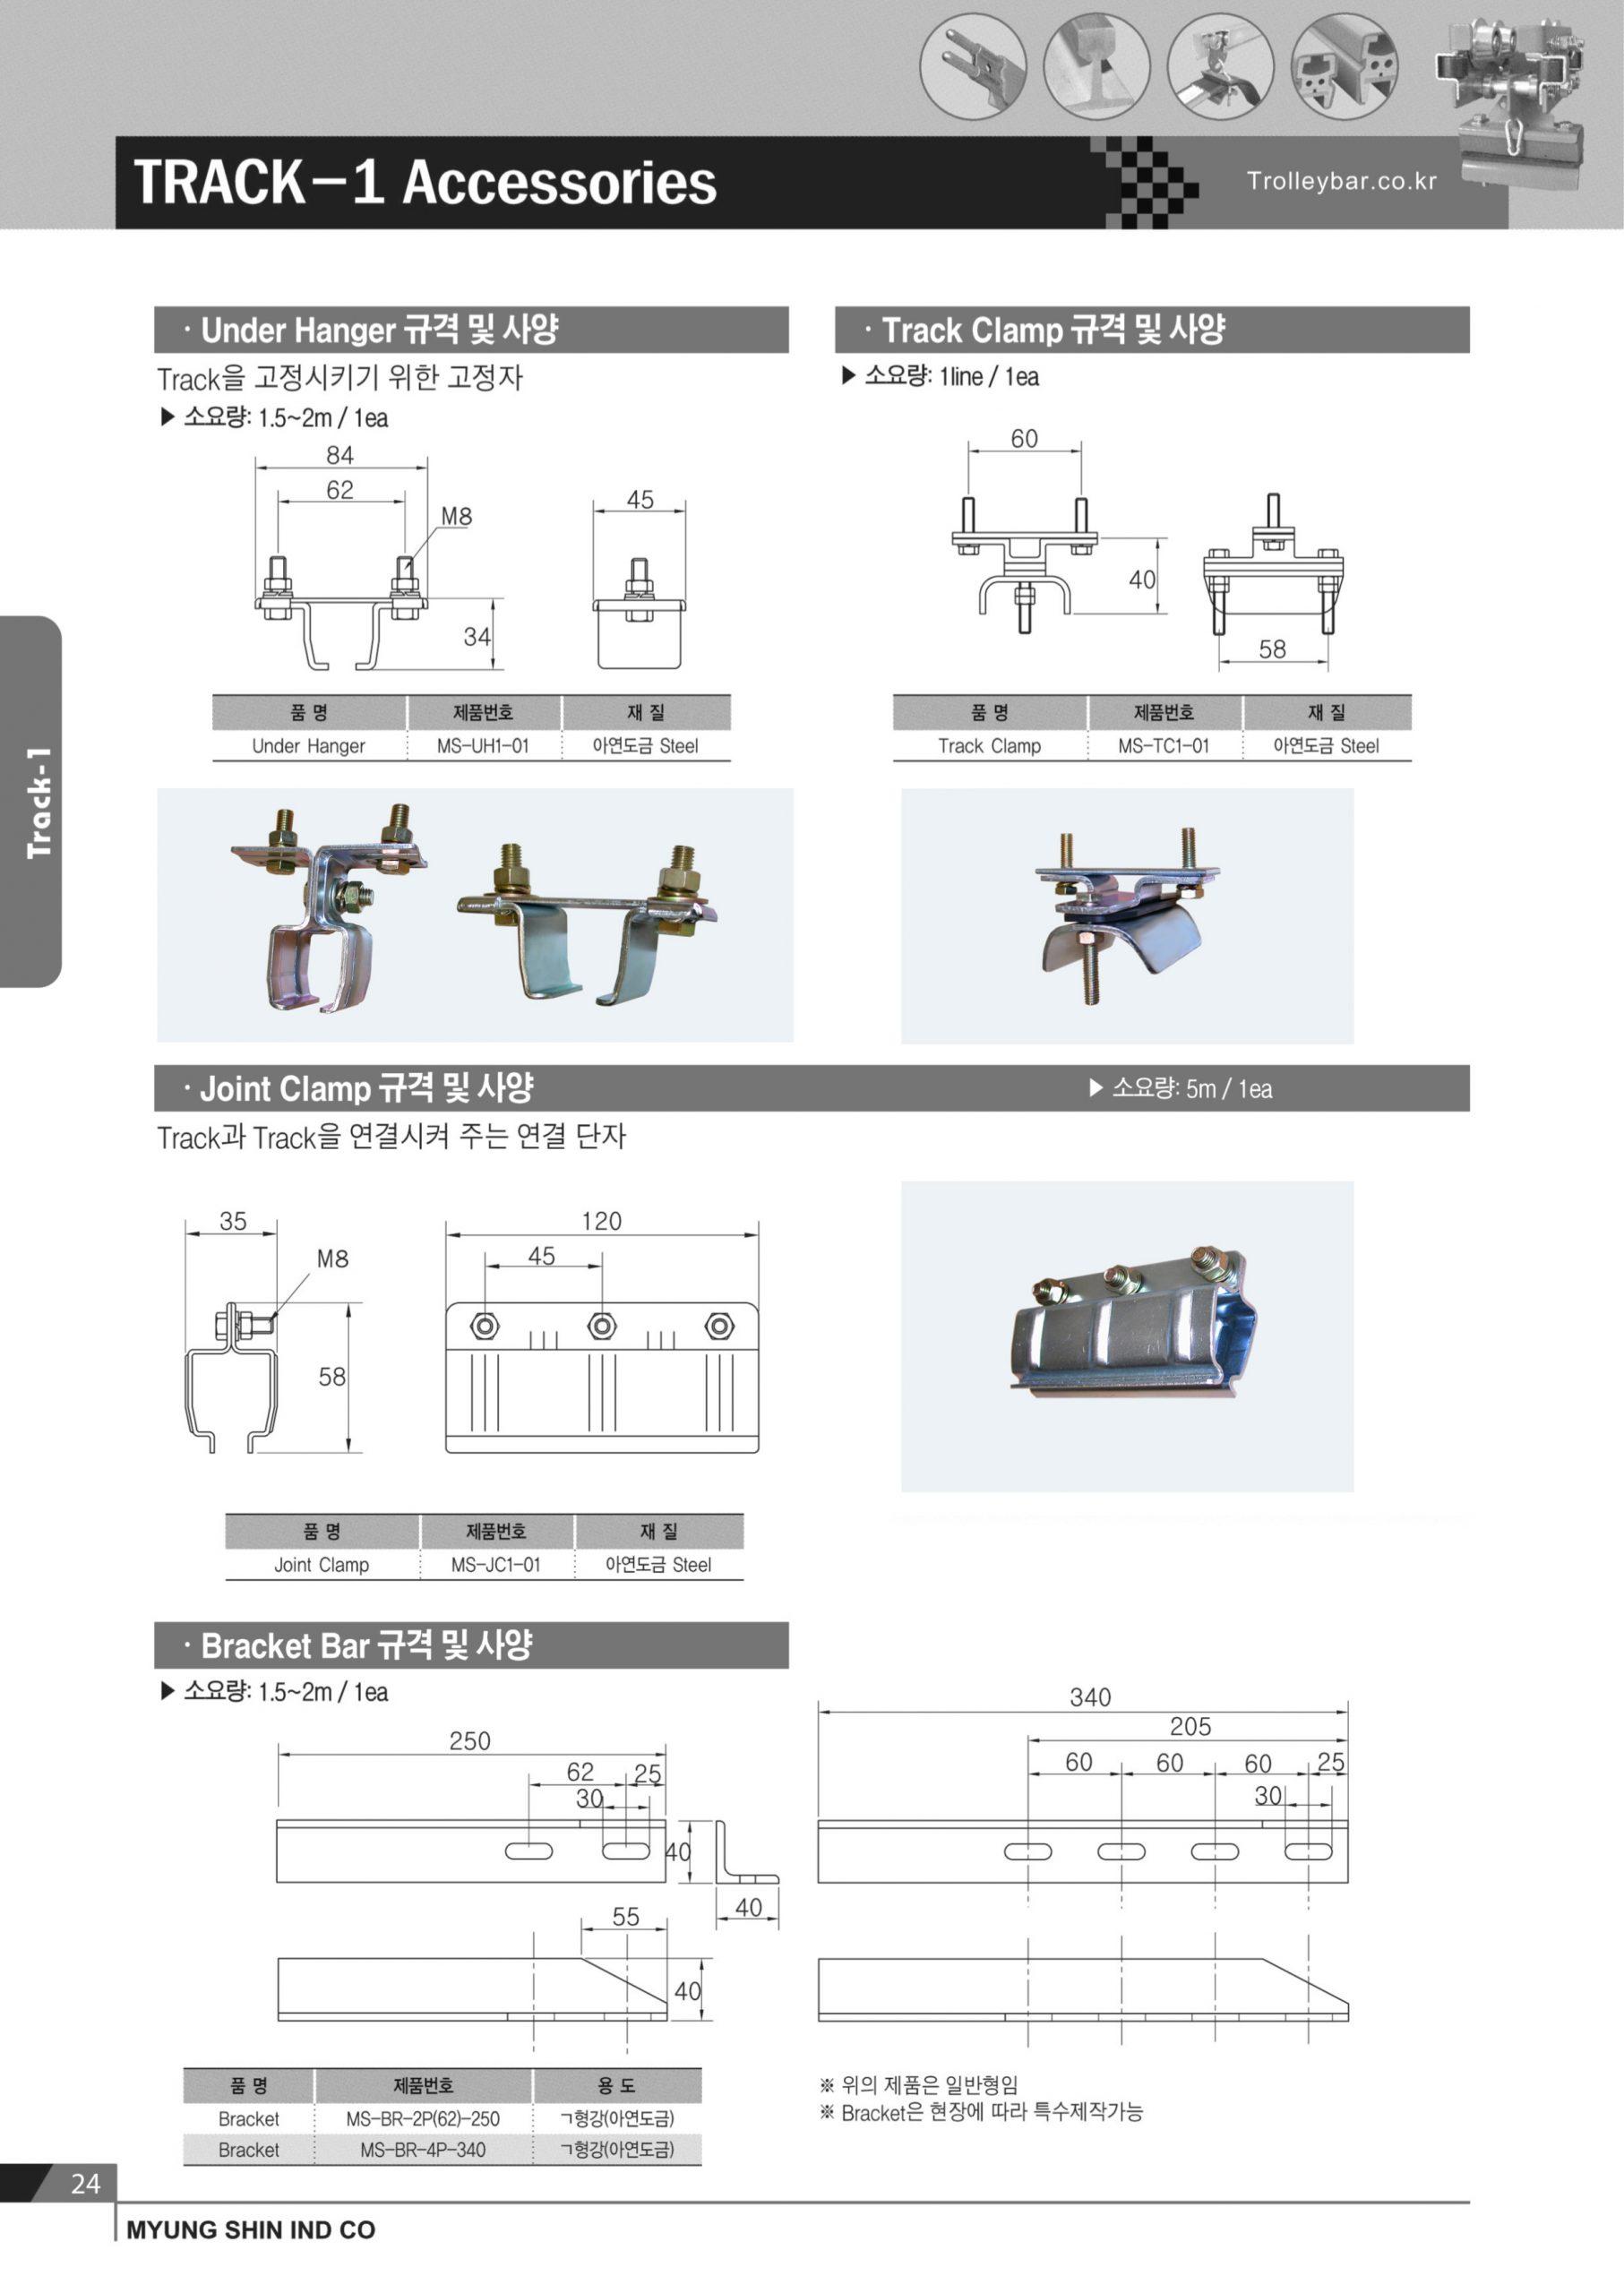 THIẾT BỊ CẦU TRỤC MTT HÀN QUỐC MÁNG C-TRACK SYSTEM